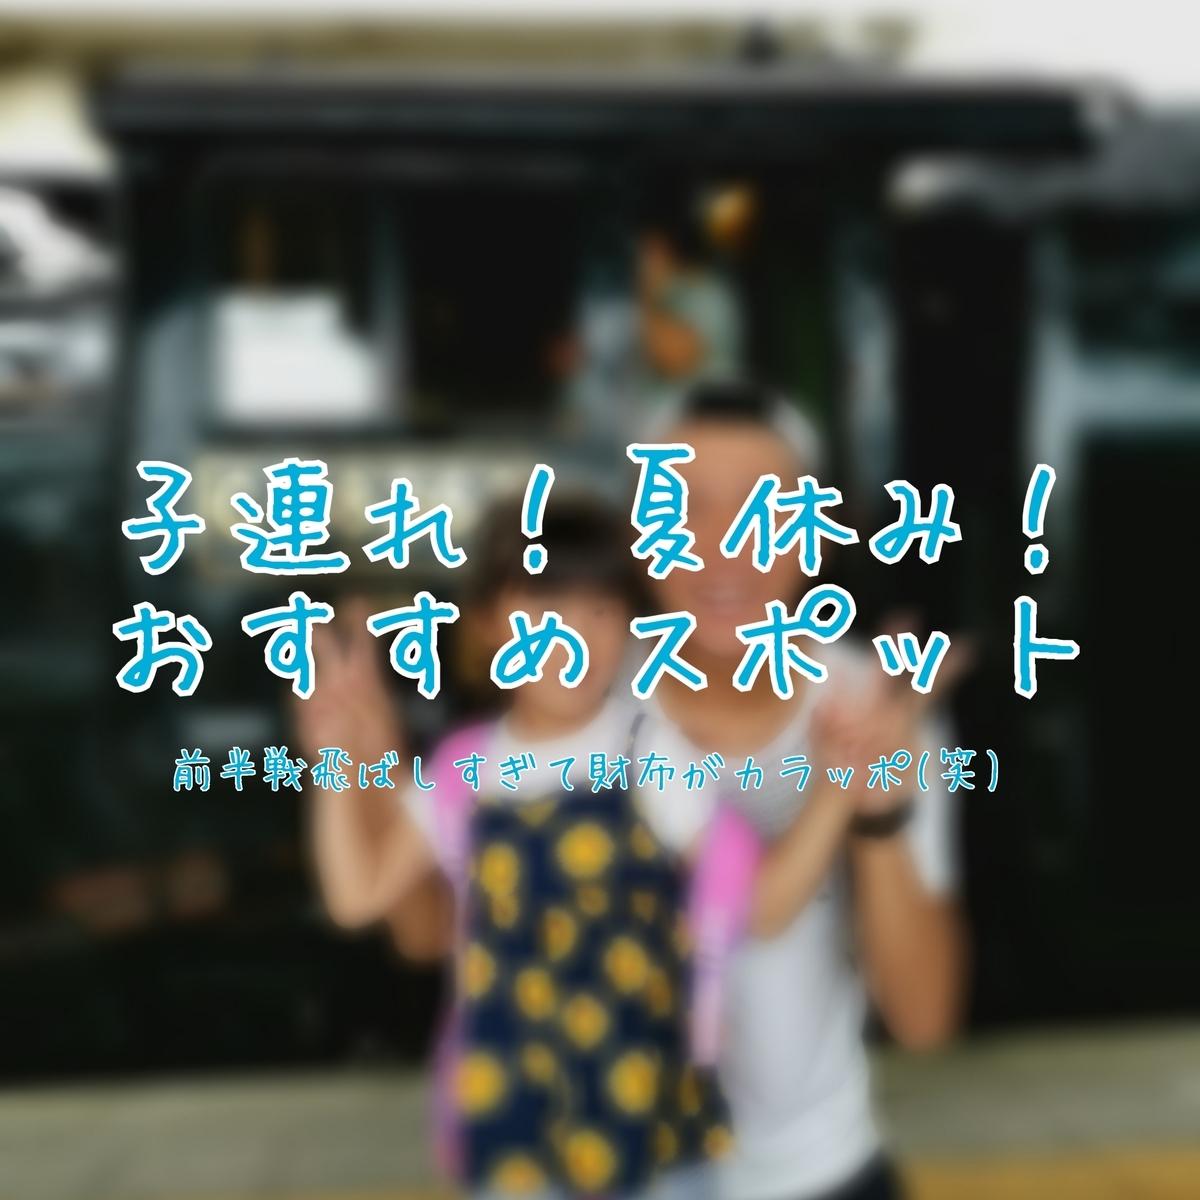 子連れ夏休みおすすめスポット